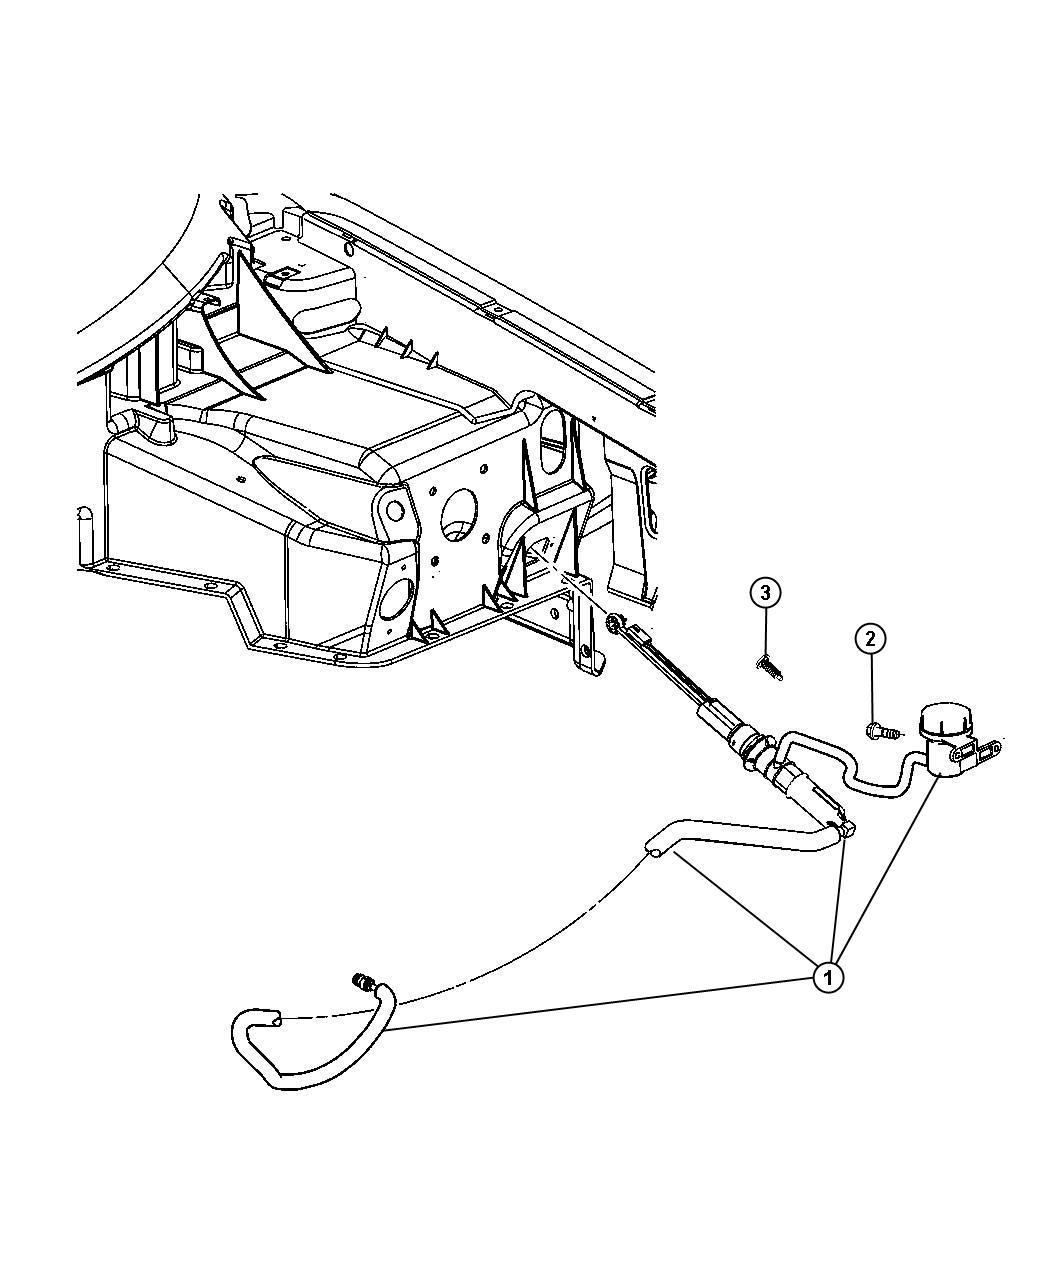 2010 Dodge Viper Actuator. Hydraulic clutch. System